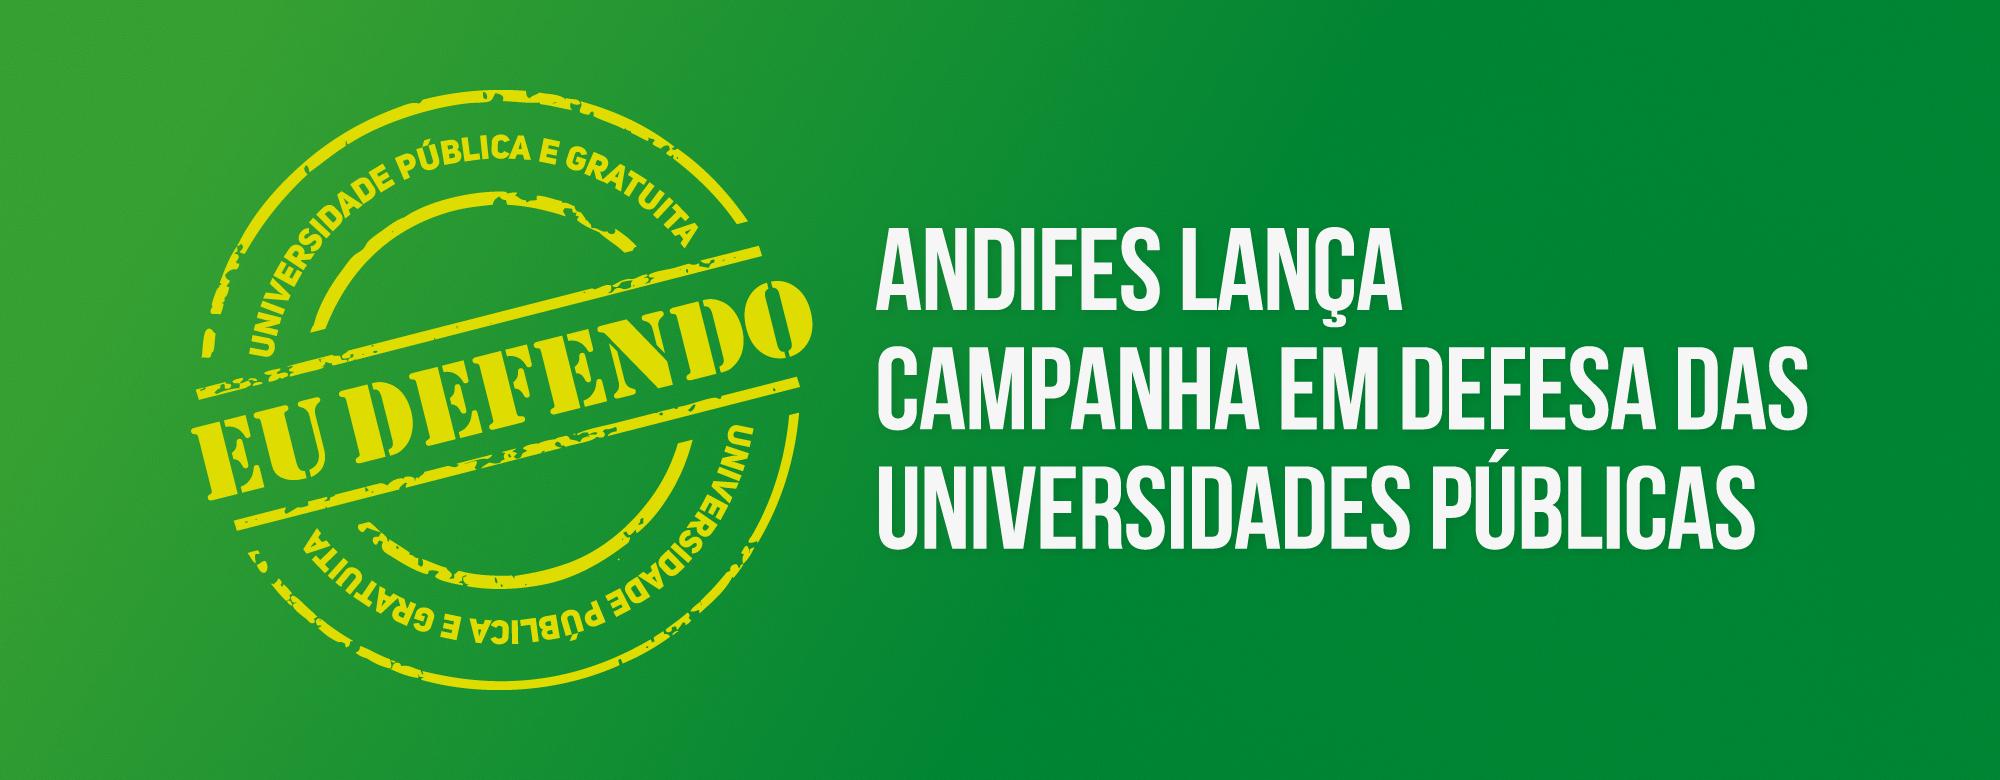 Imagem com fundo verde e letras em amarelo escrito: EU DEFENDO: Universidade Pública e Gratuita